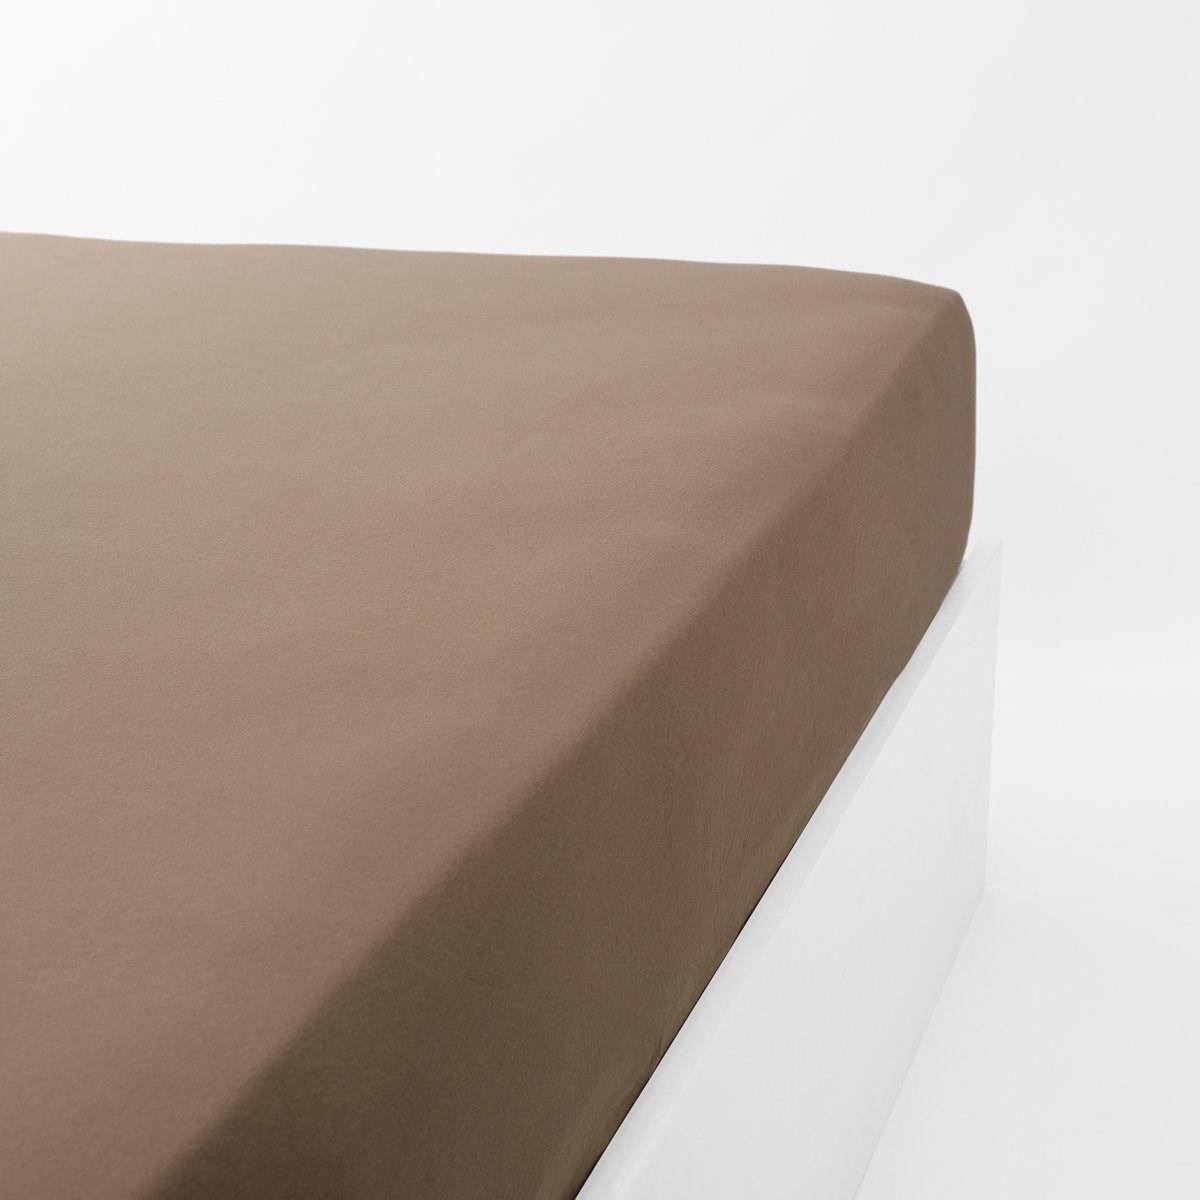 Drap housse jersey extensible en coton marron 90x190 cm